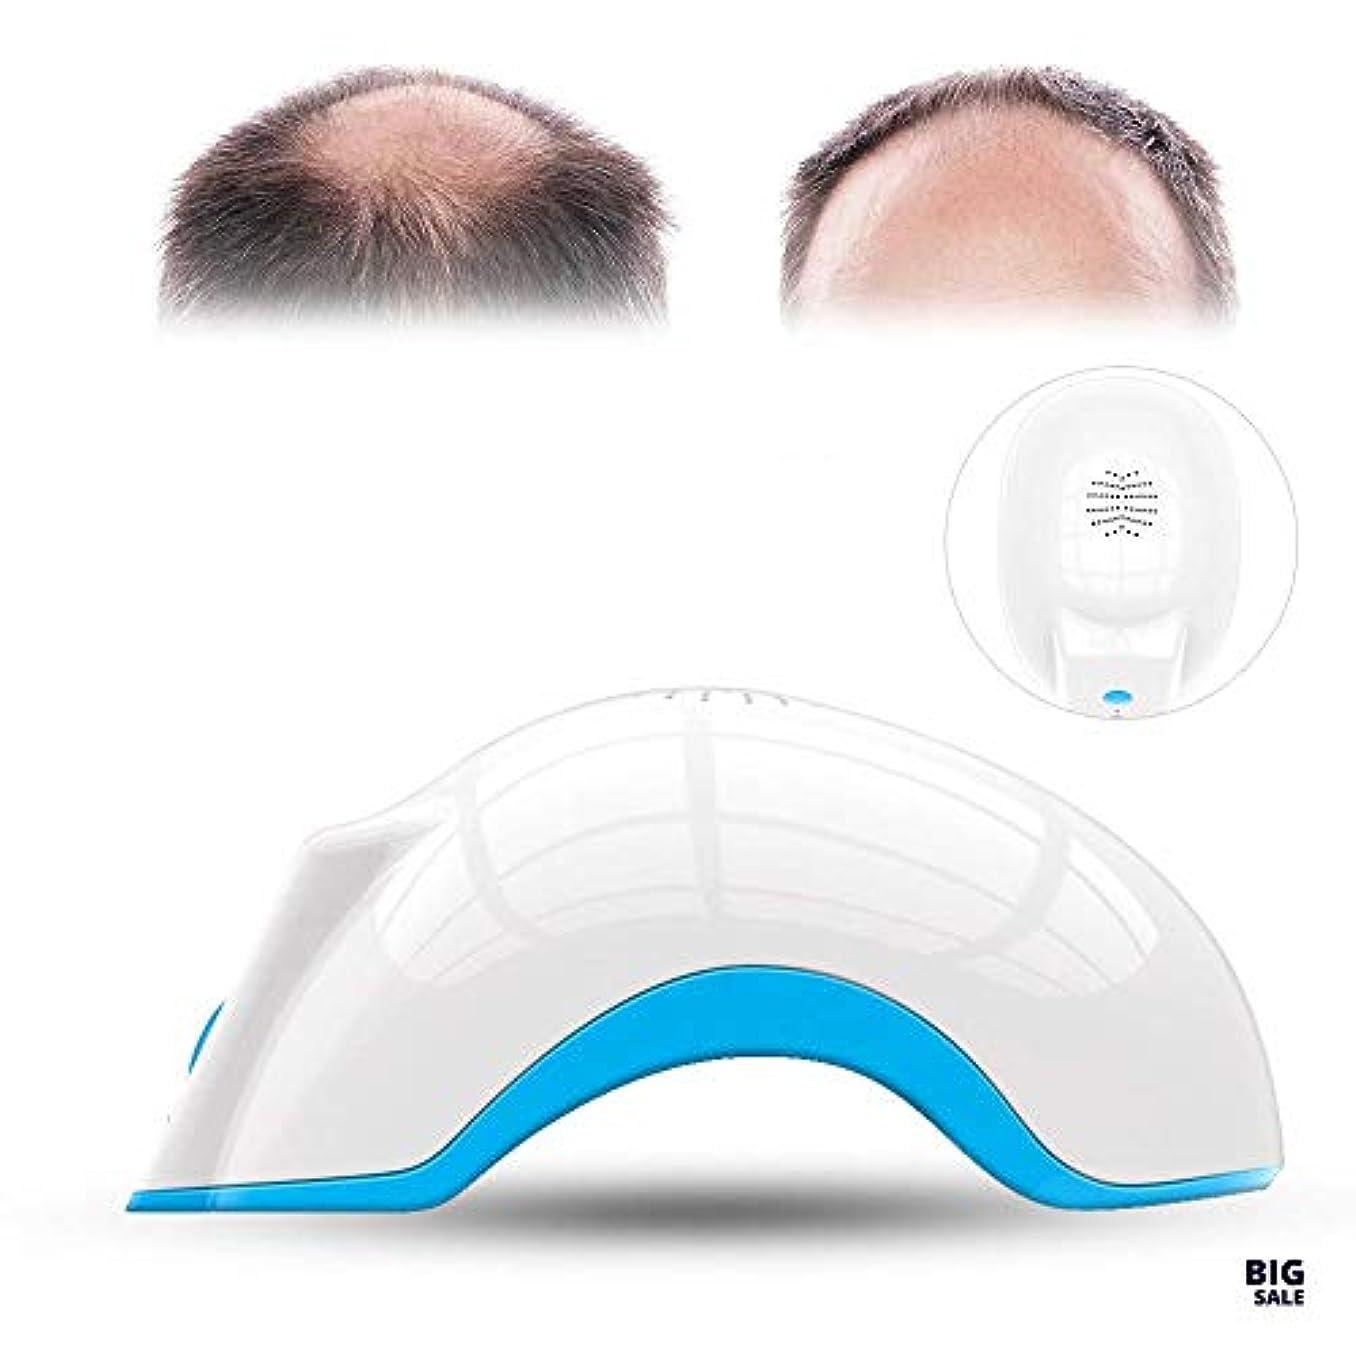 定説新鮮なジャンクMOLLYNANA 脱毛再生治療用ヘルメット抗脱毛マッサージ療法治療脱毛症キャップ脱毛再生用ヘルメット